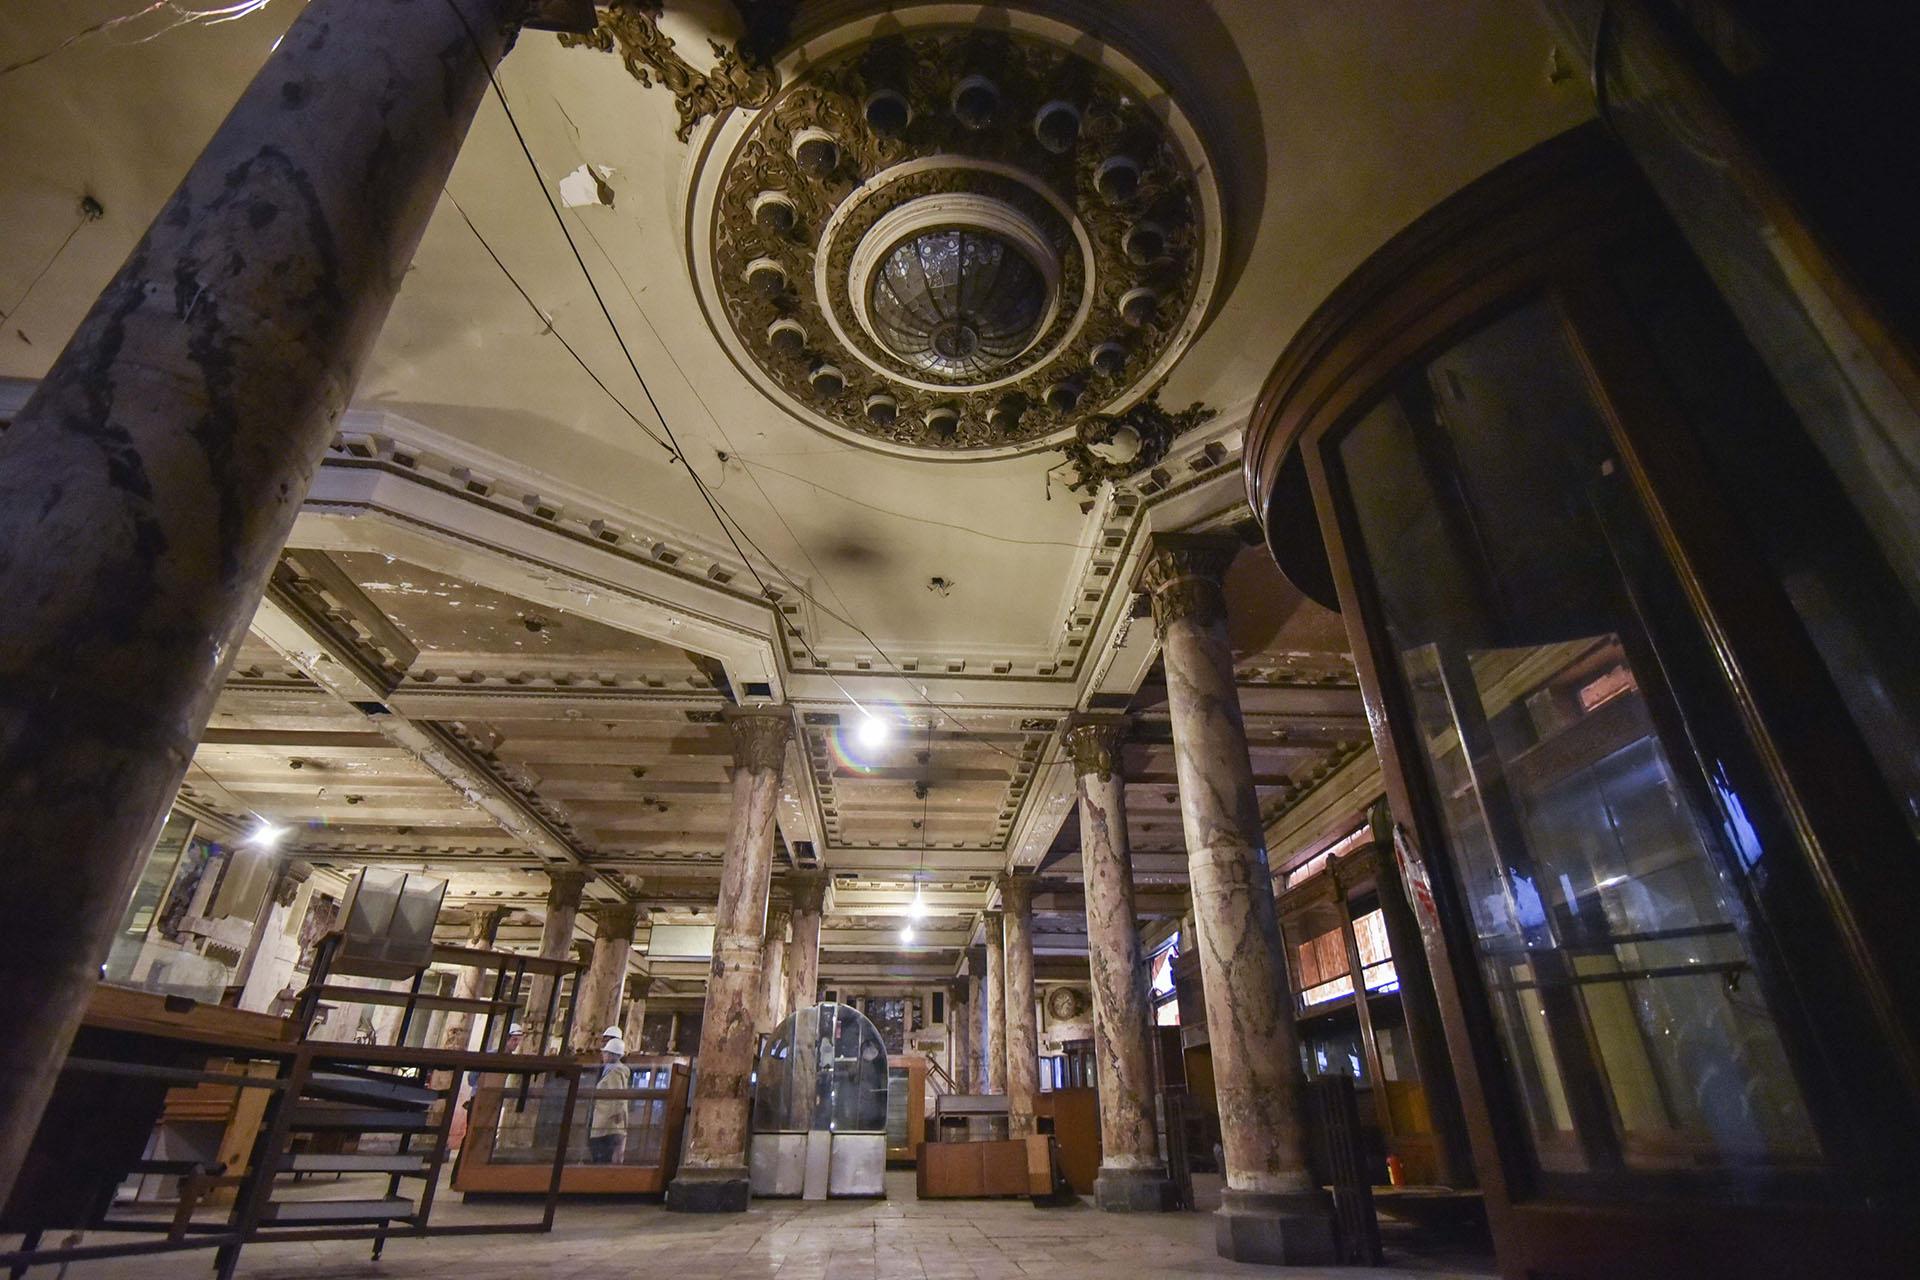 Inaugurada en 1916, El Molino contaba con vitrales, mármoles y detalles únicos en bronce y cristalería